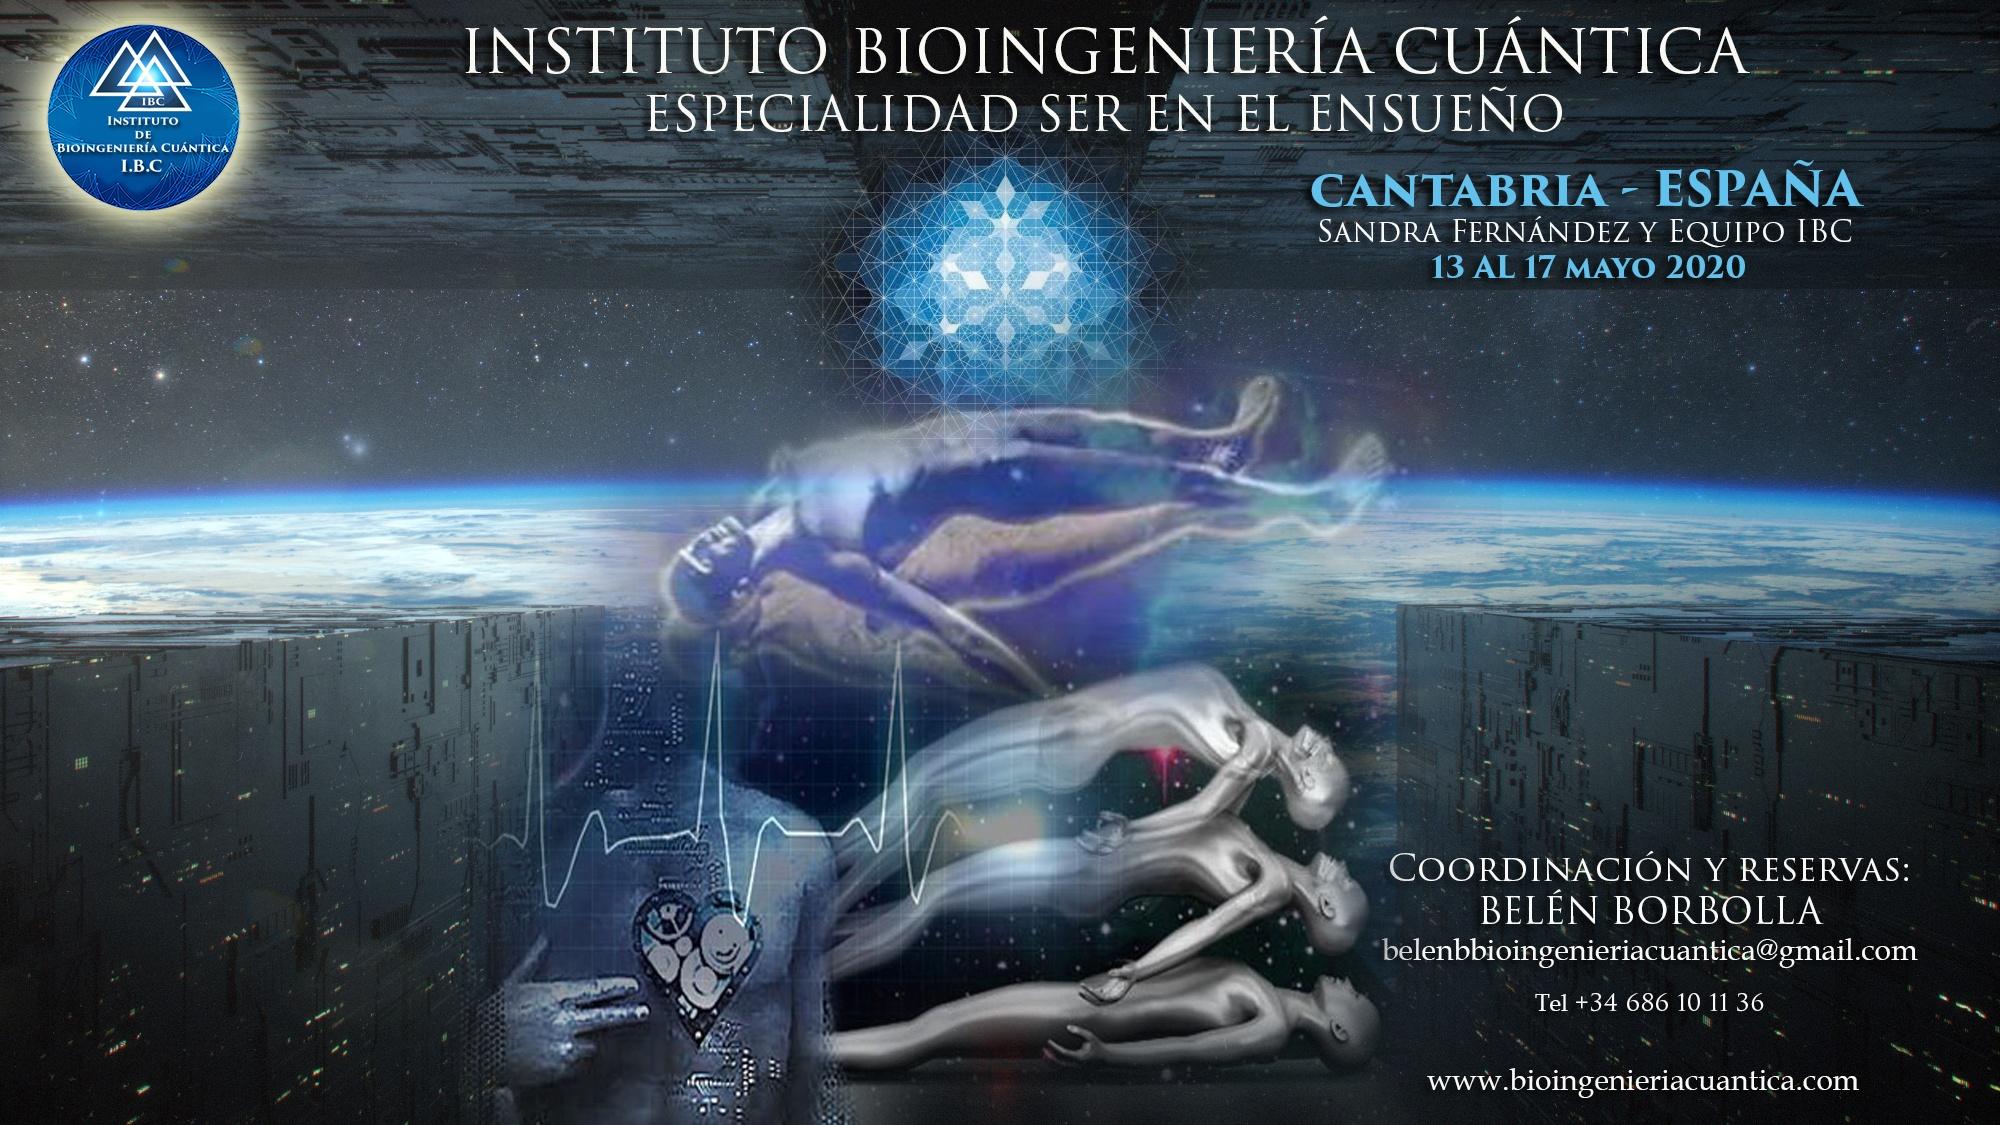 Especialidad Ser en el Ensueño. Bioingeniería Cuántica con Sandra Fernández y Equipo IBC. del 13 al 17 de mayo 2020 en Cantabria, ESPAÑA